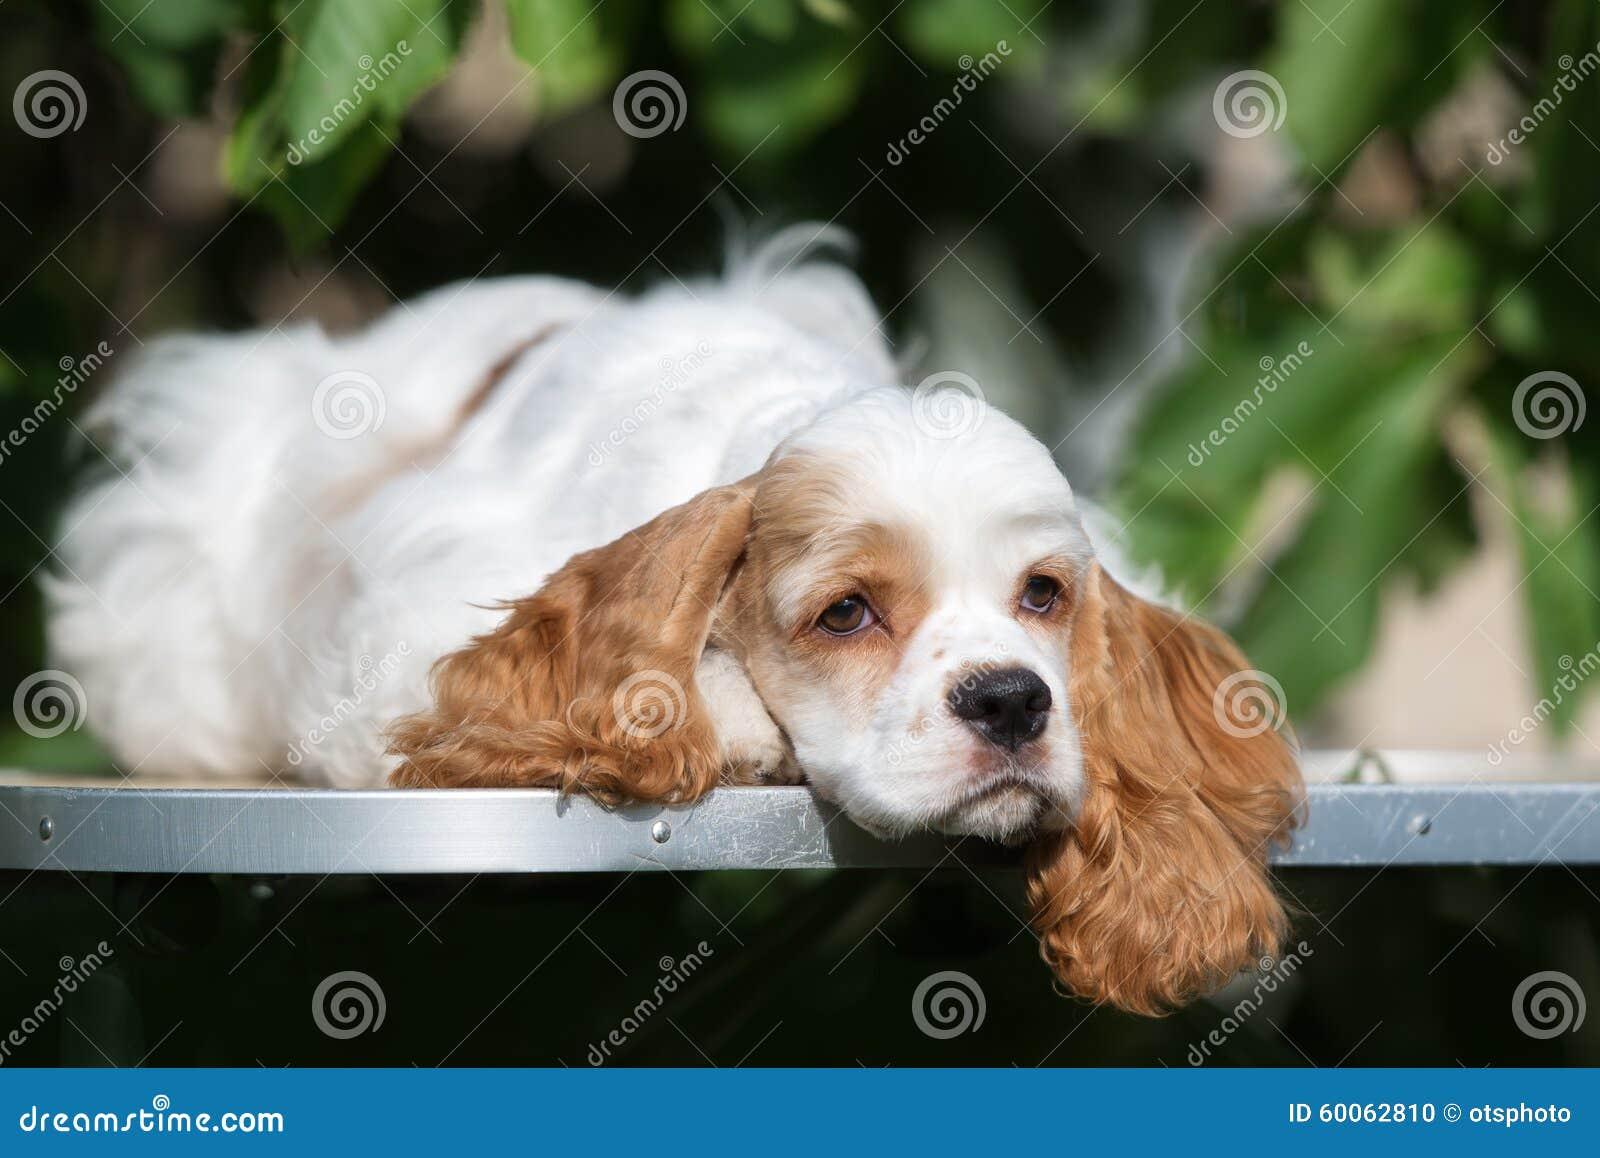 Perro de cocker spaniel del americano que se acuesta al aire libre